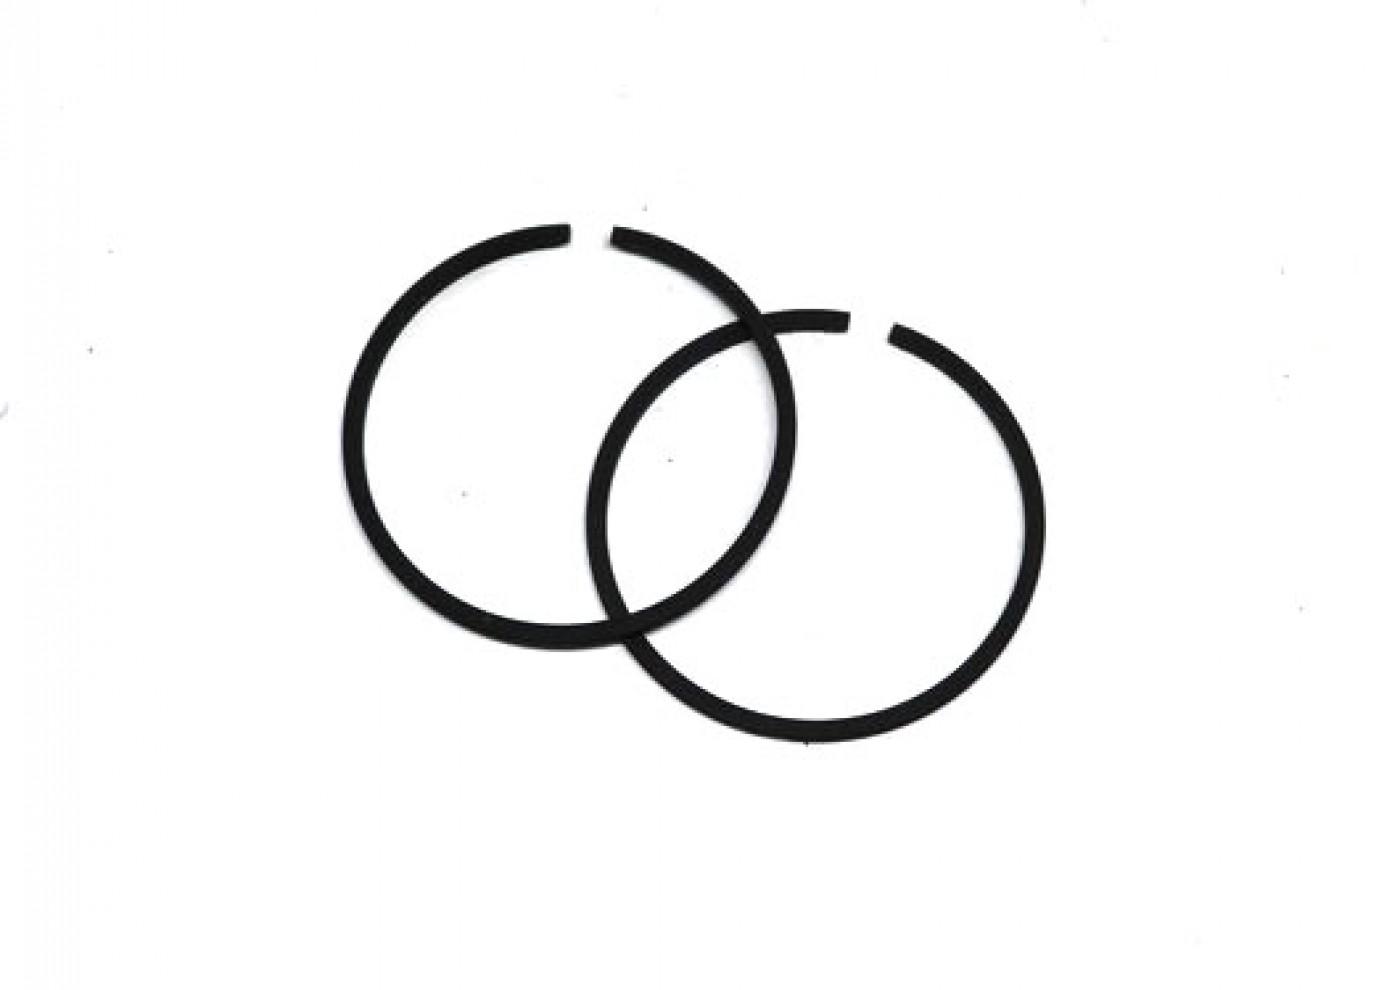 Sada pístních kroužků Stihl FS250